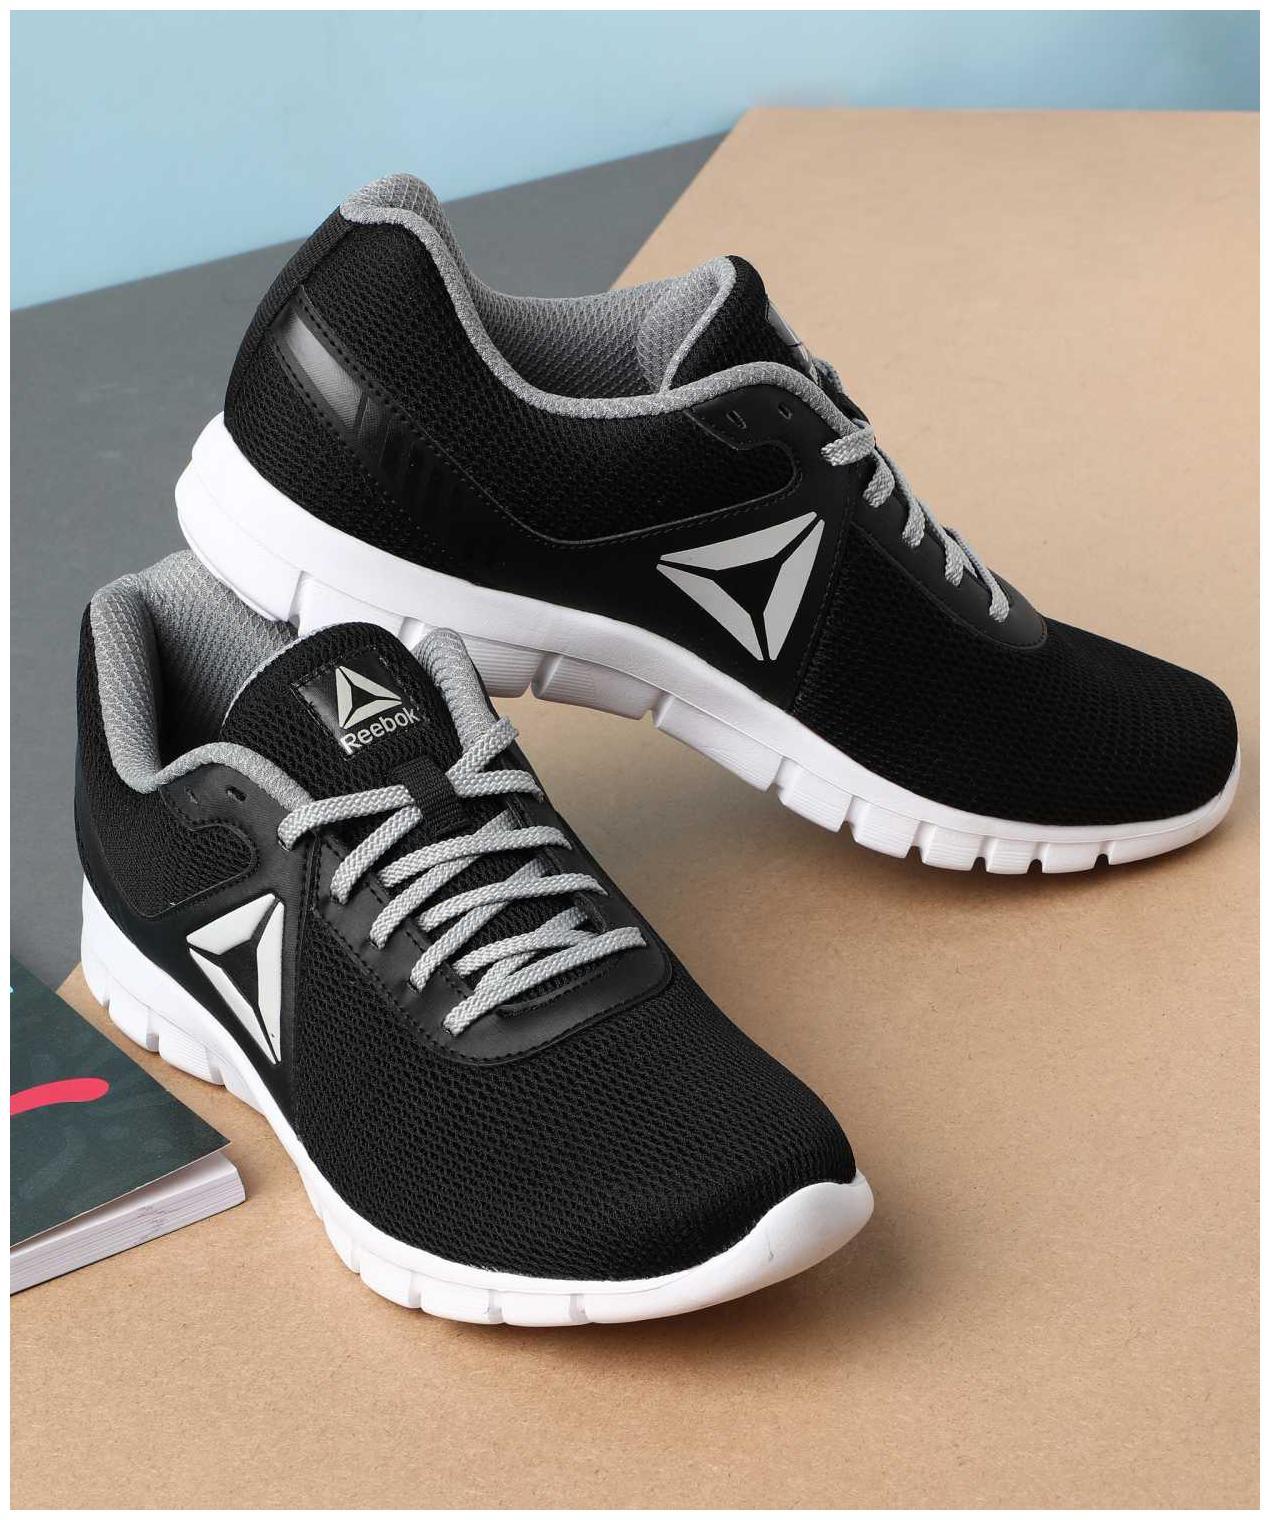 Reebok Men ULTRA LITE Running Shoes